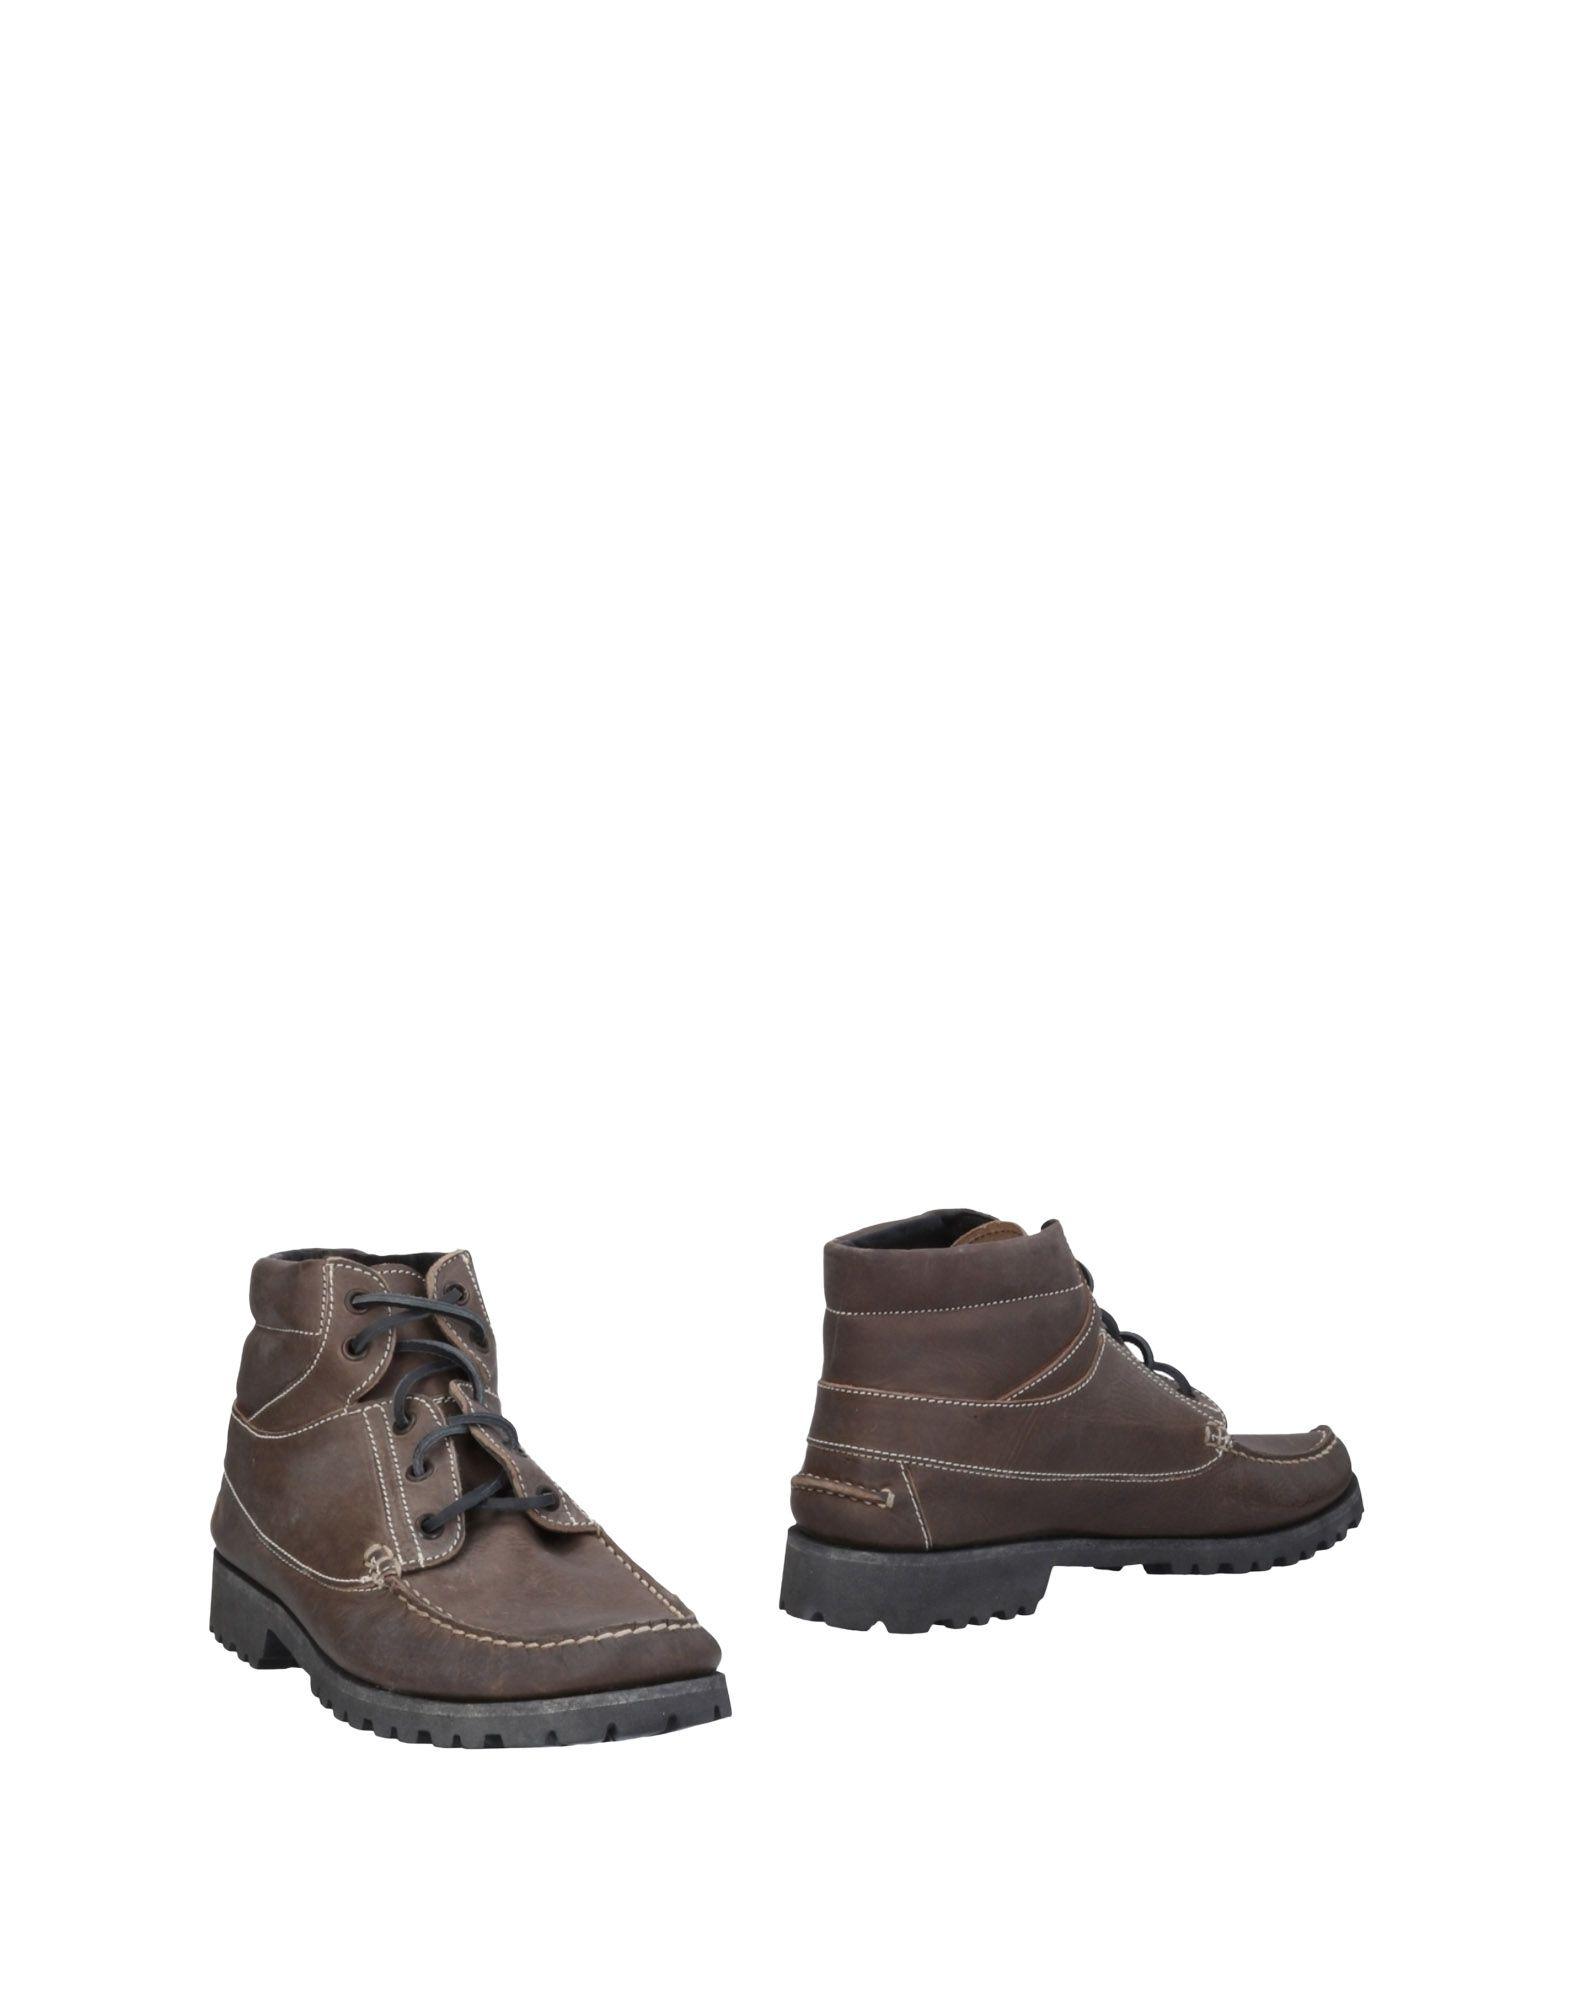 Rabatt echte Herren Schuhe Giorgio Brato Stiefelette Herren echte 11461962SC 7438e8